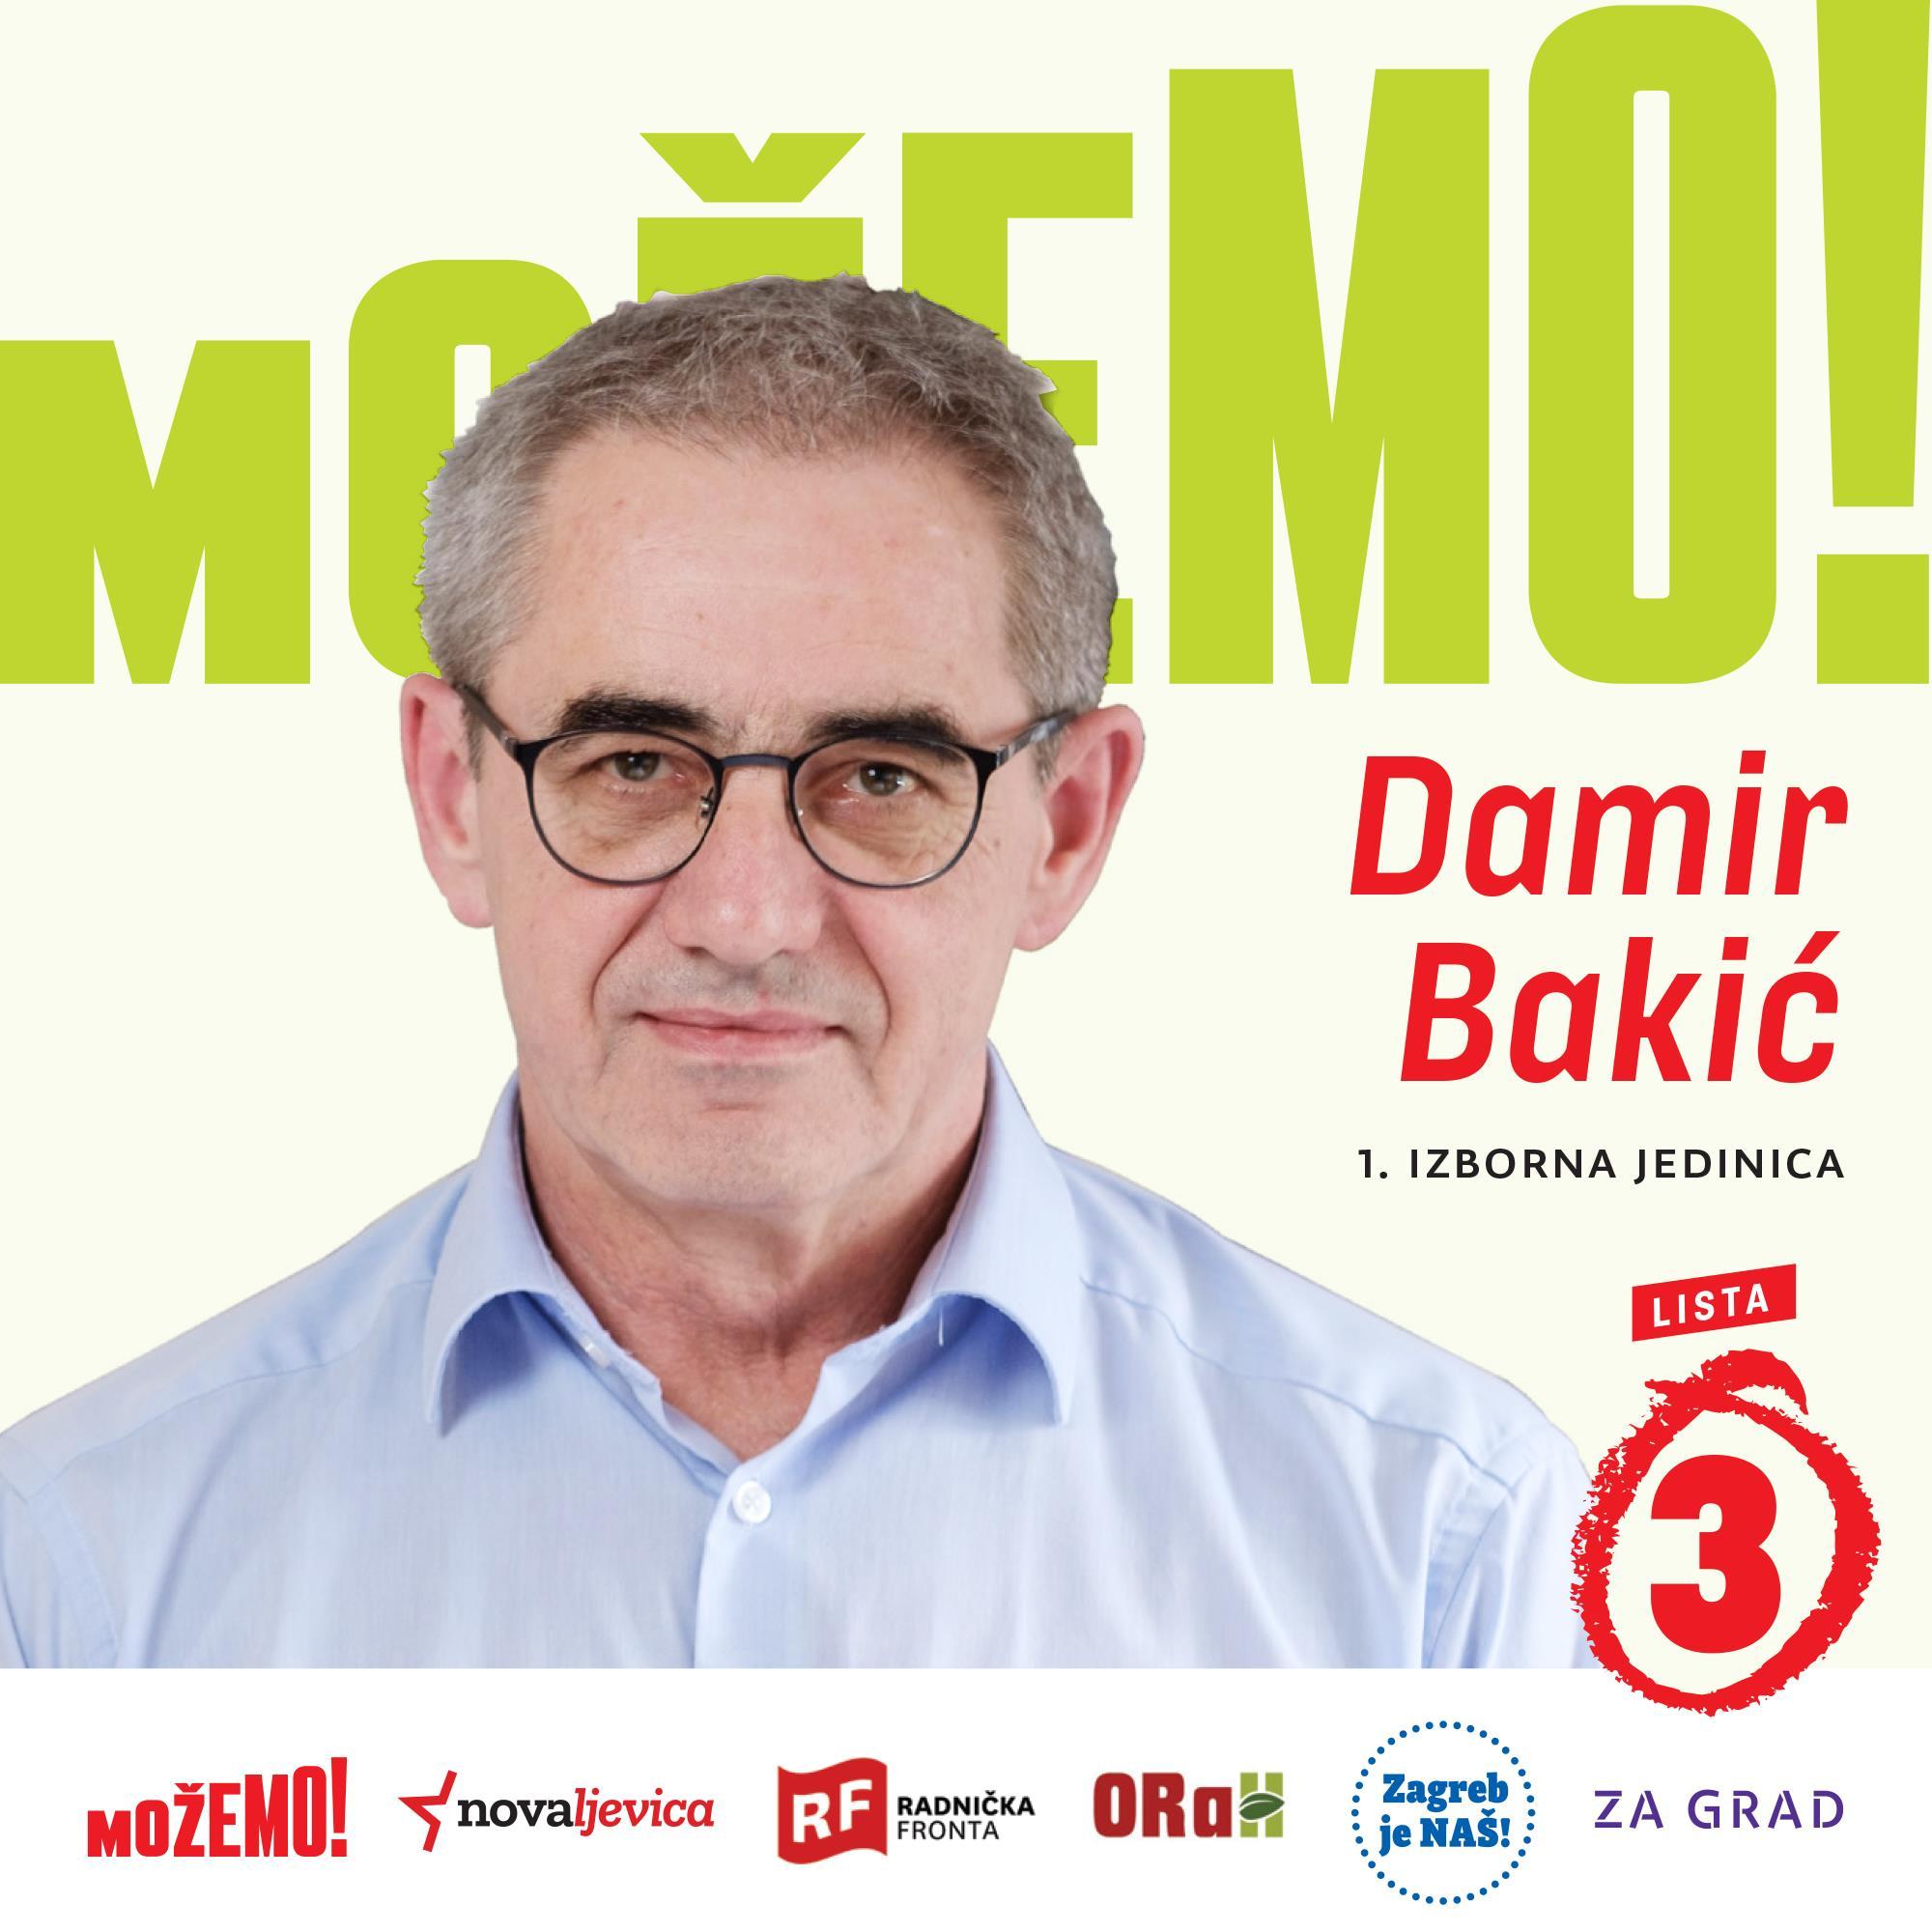 Predstavljamo još jednog kandidata na našoj listi u 1. izbornoj jedinici – Damira Bakića!